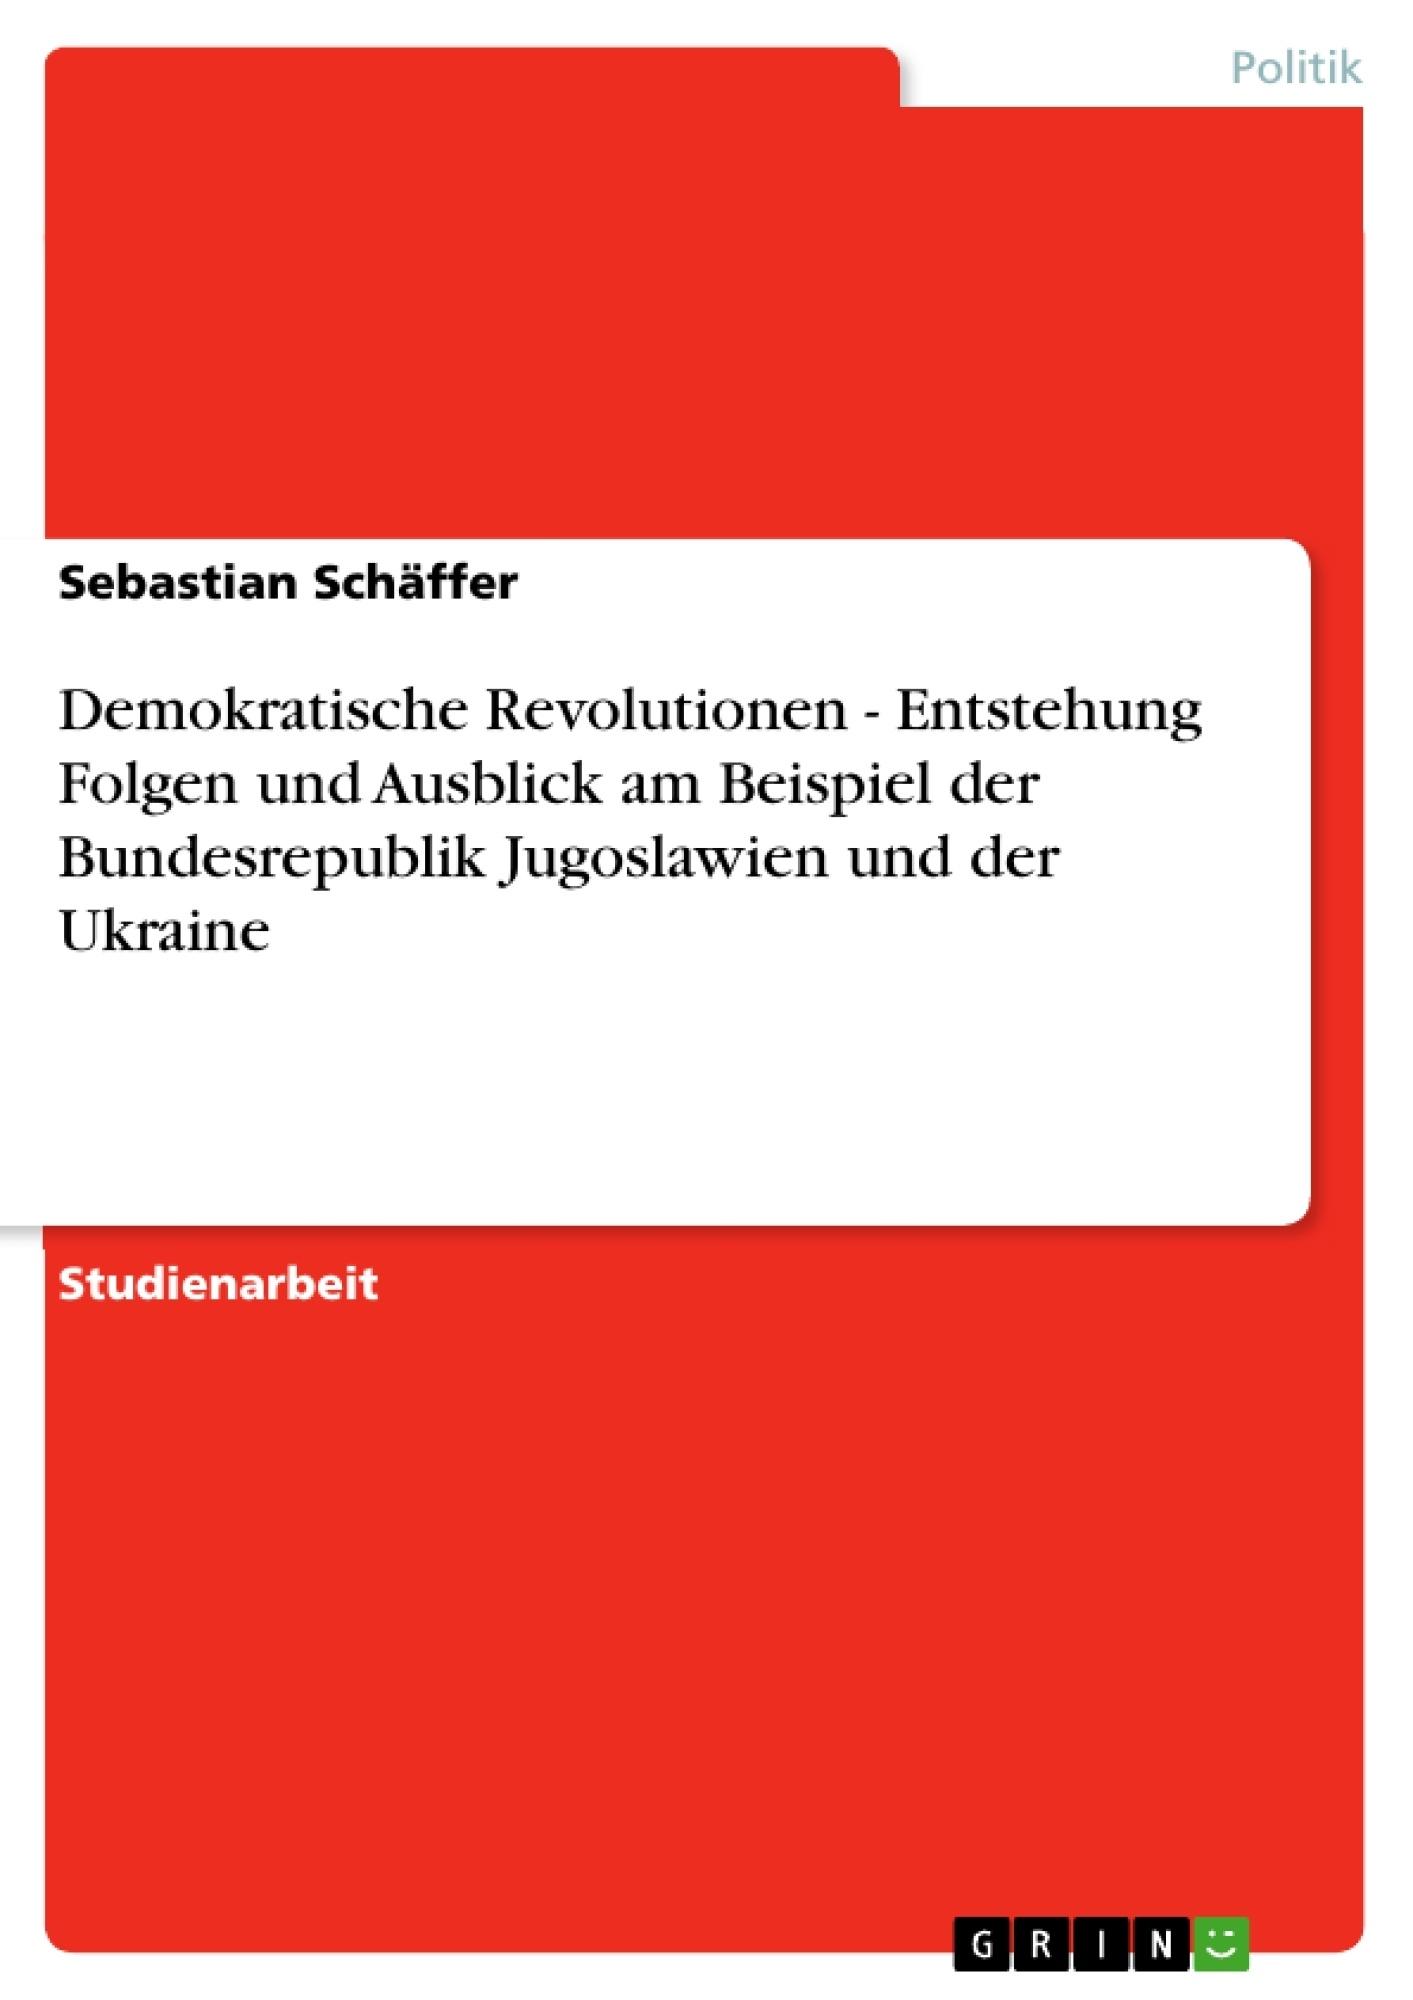 Titel: Demokratische Revolutionen - Entstehung Folgen und Ausblick am Beispiel der Bundesrepublik Jugoslawien und der Ukraine